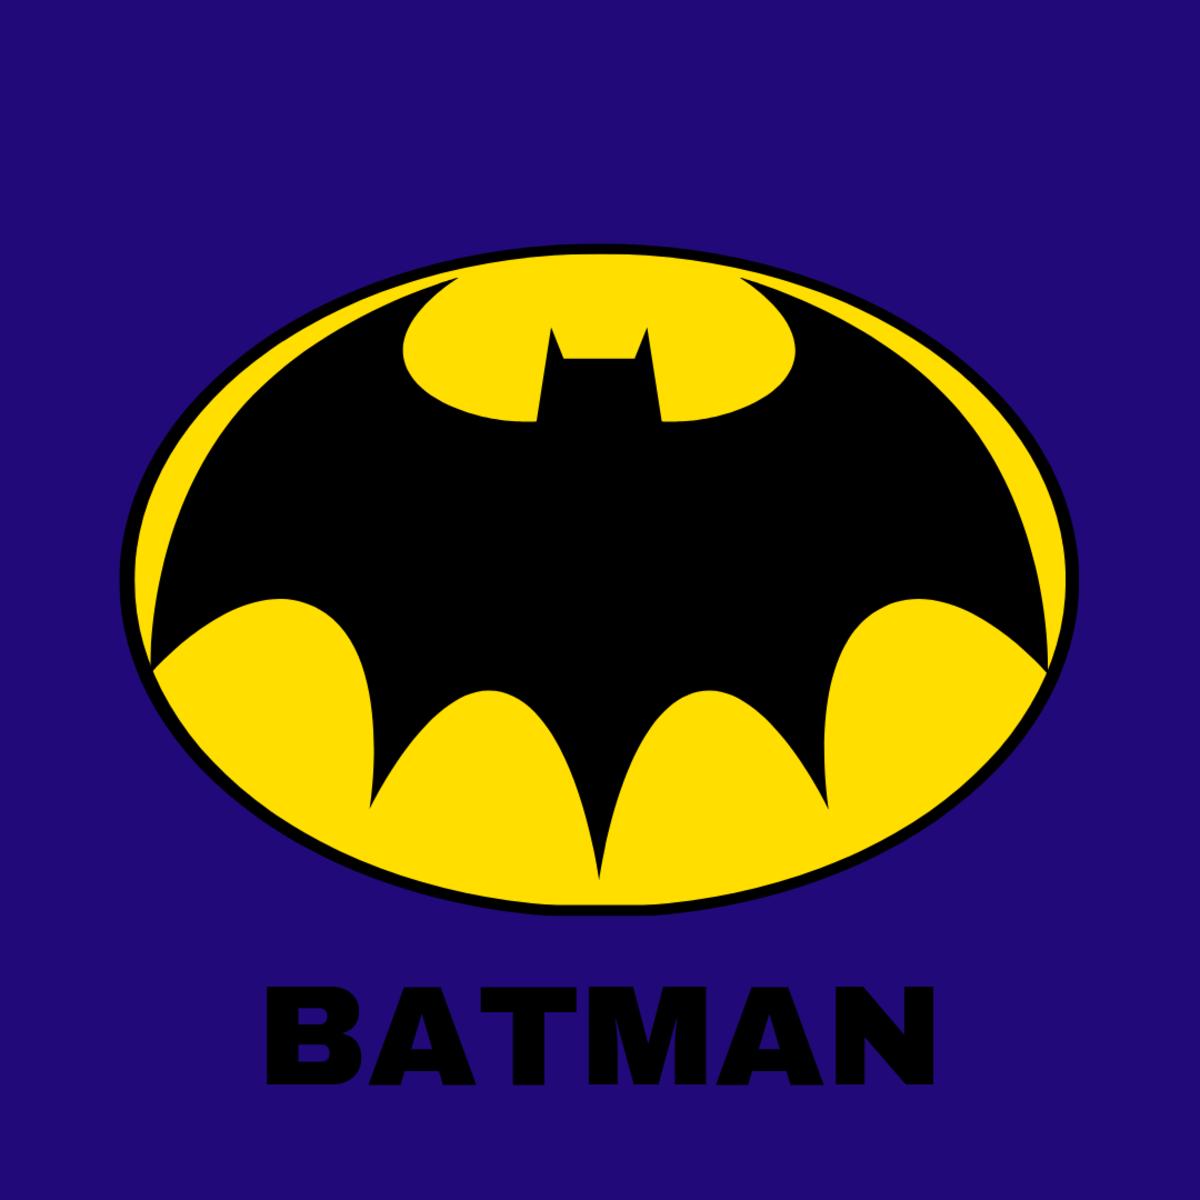 300+ Super Cool Superhero Names | HobbyLark